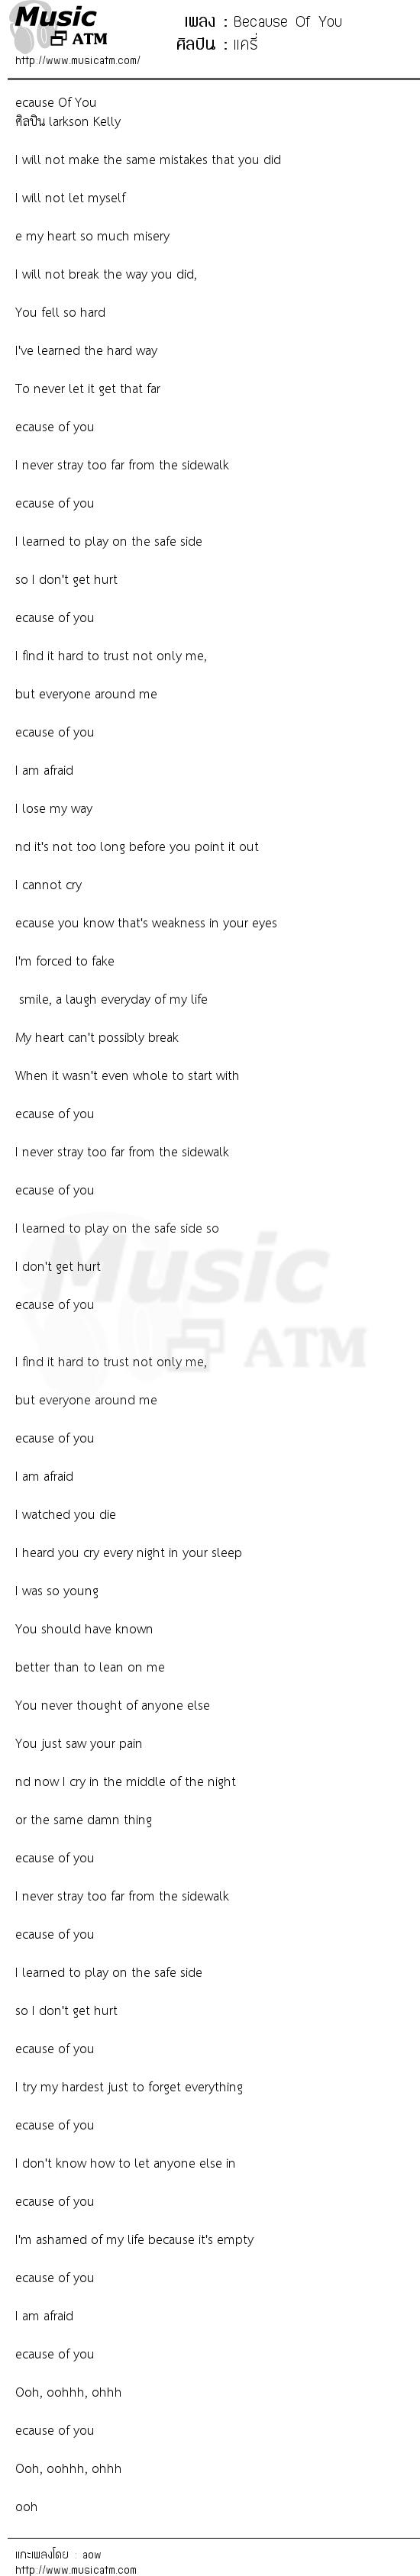 เนื้อเพลง Because Of You - แครี่ | เพลงไทย